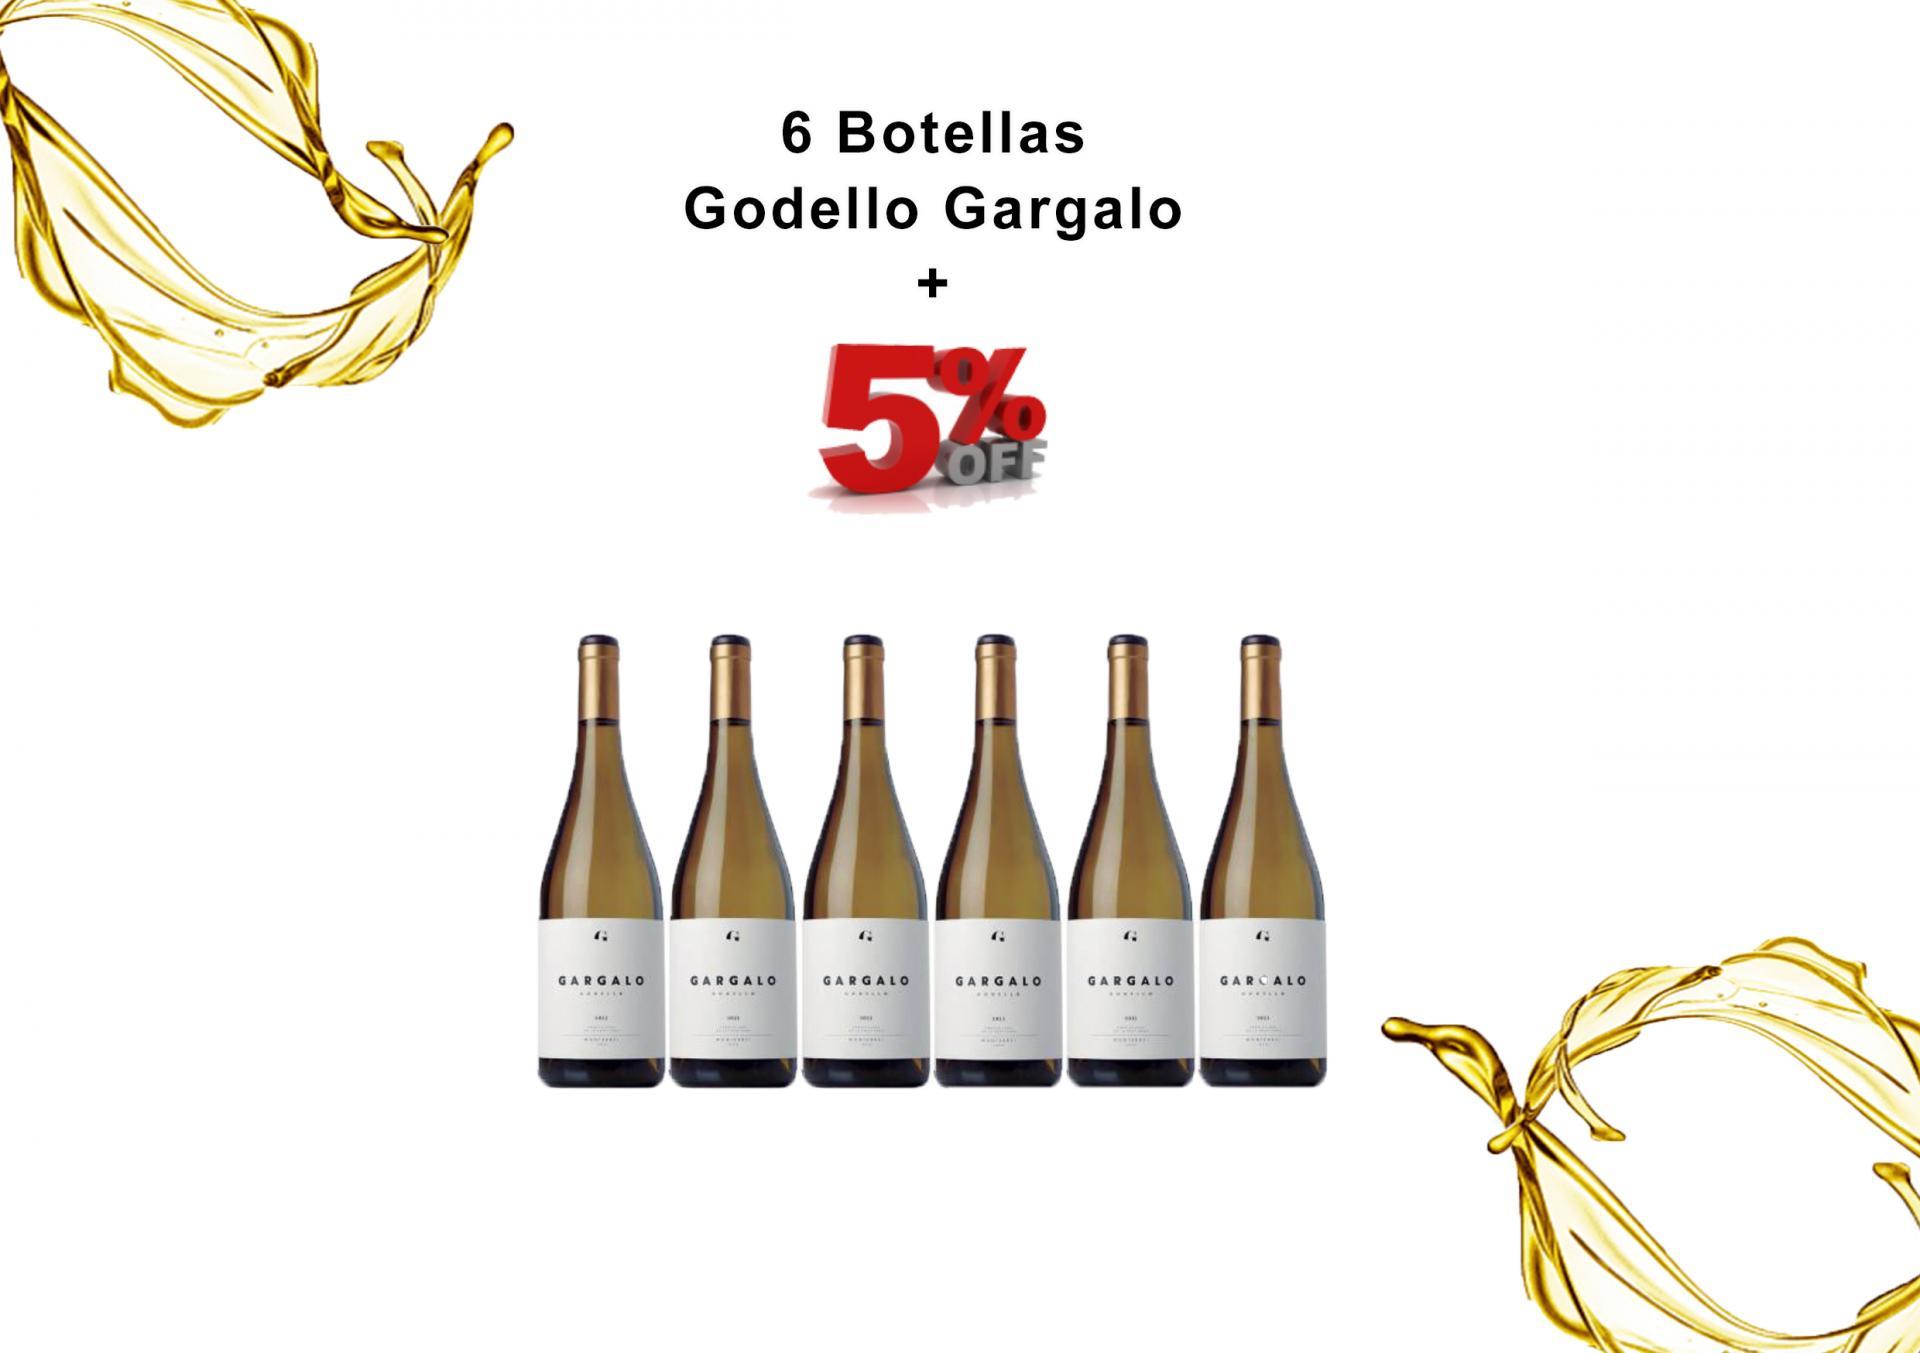 6 Botellas Vino Blanco Godello Gargalo 5% de DESCUENTO